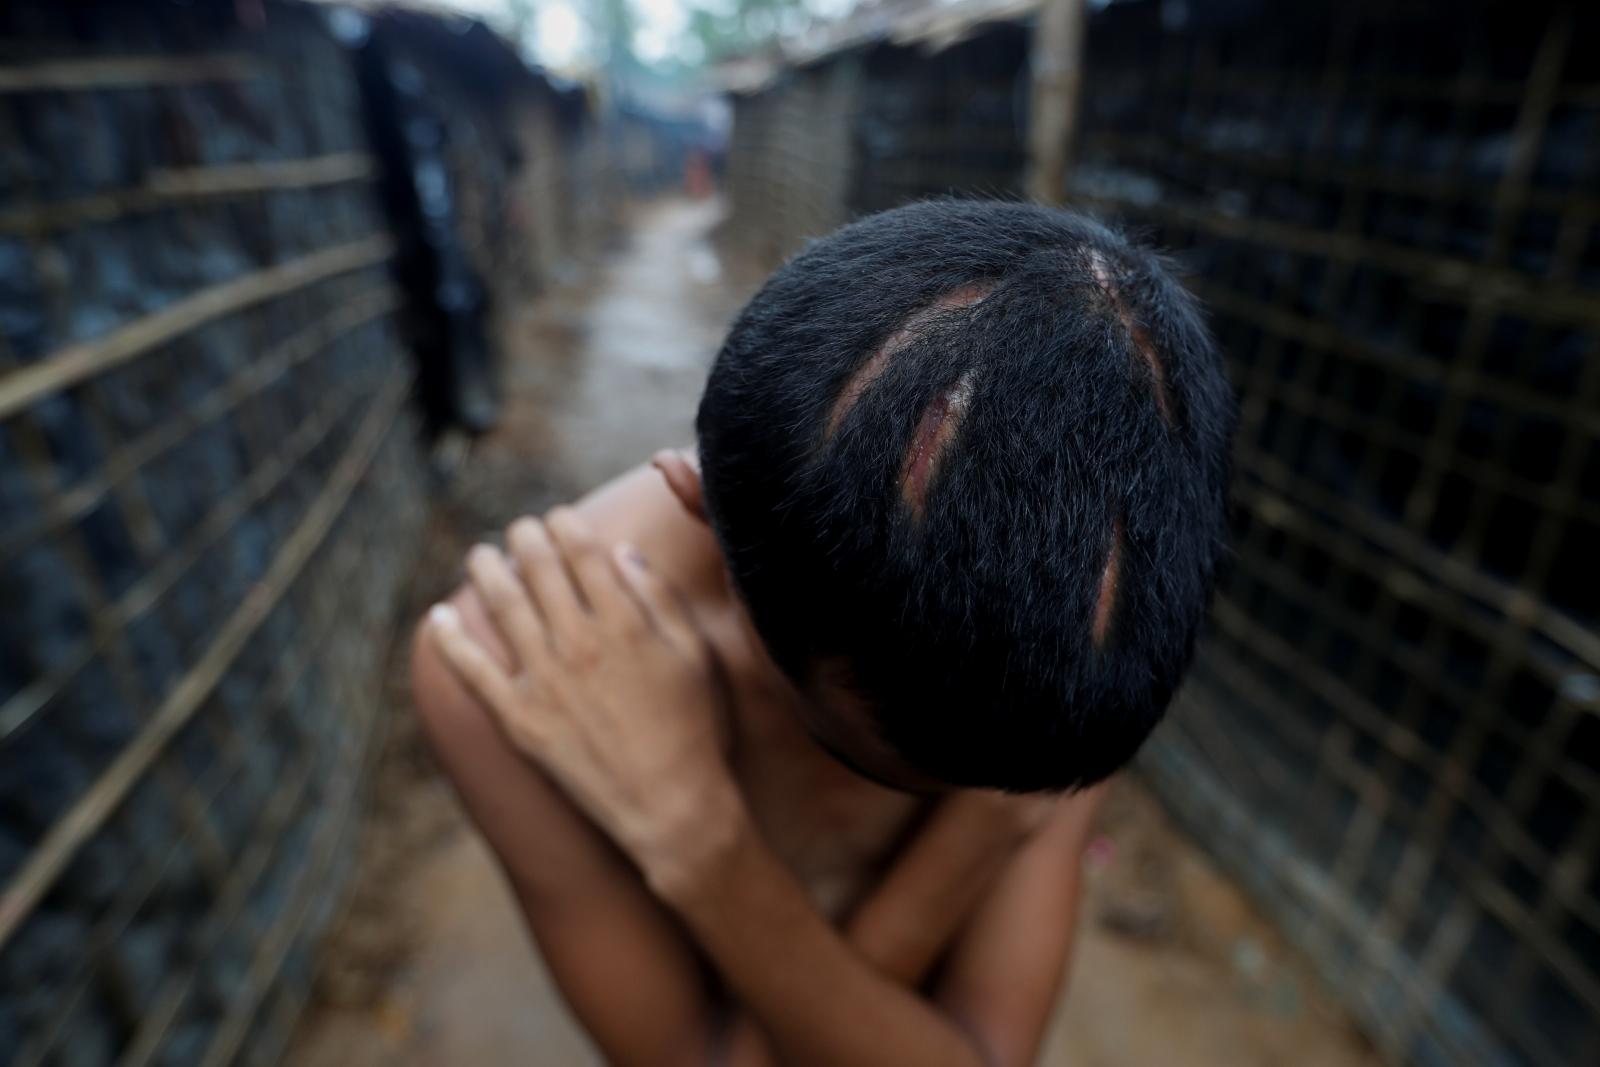 Rohingya Muslim refugee injuries